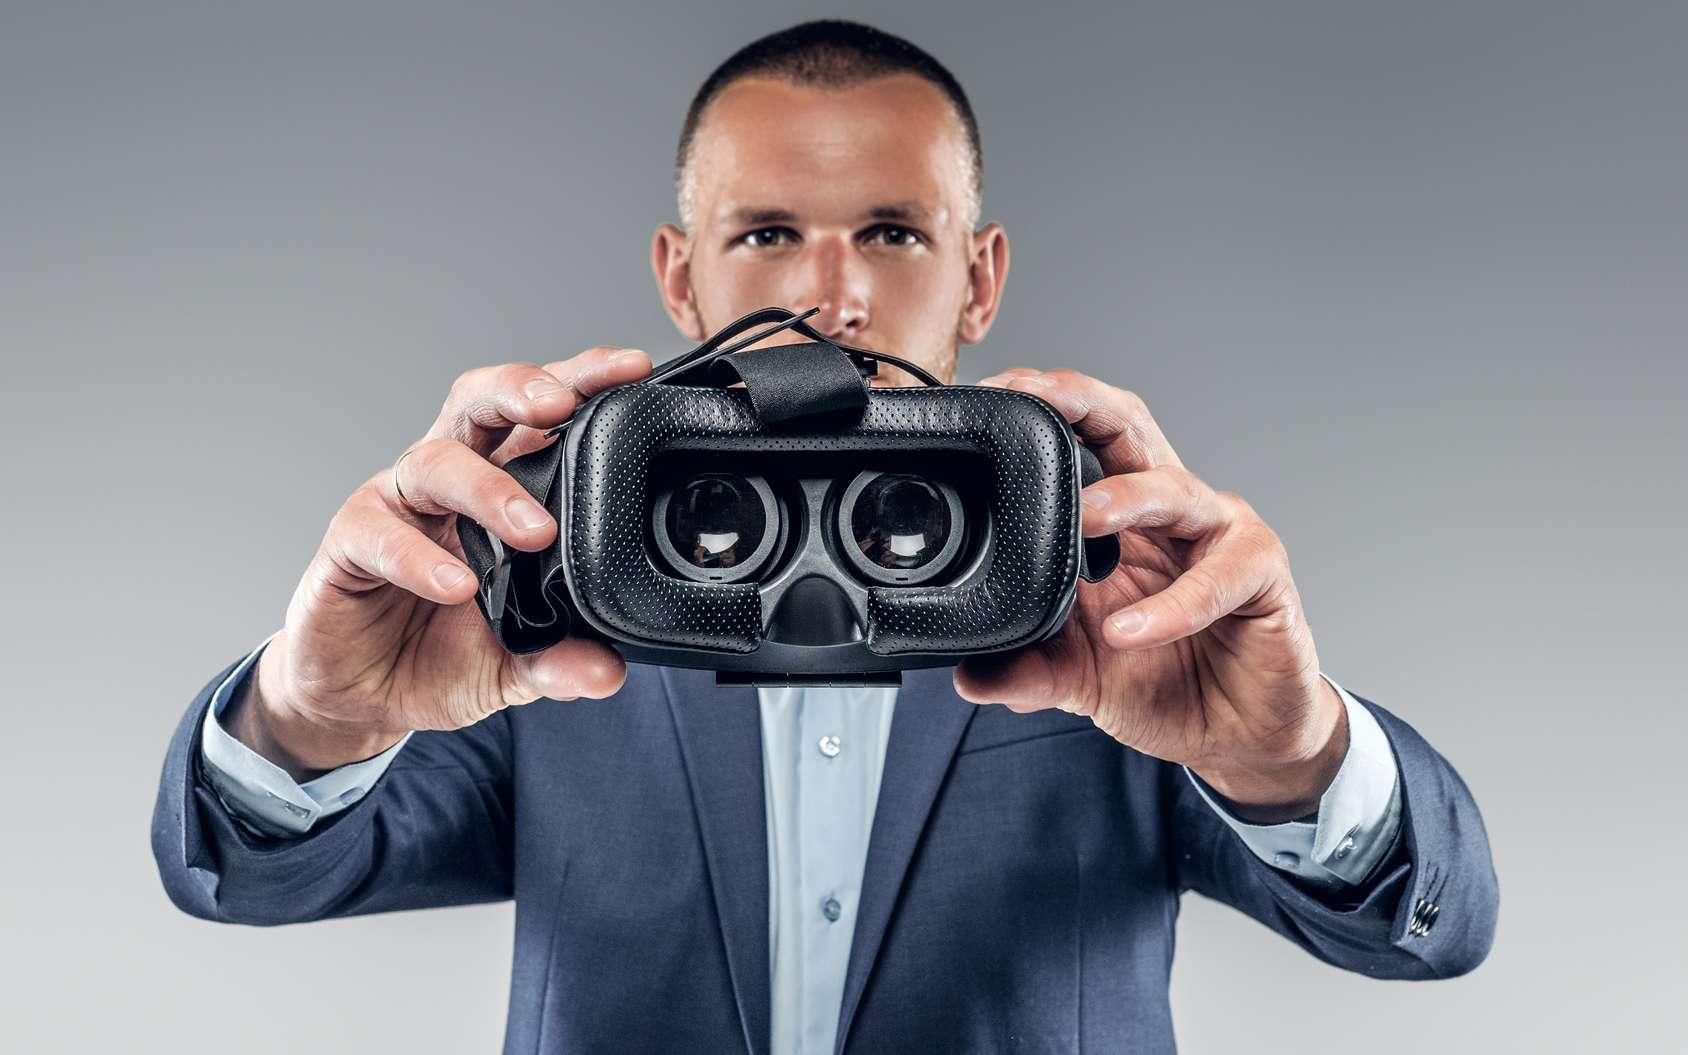 En immergeant la personne dans le quotidien d'un sans-abri, la réalité virtuelle peut davantage stimuler l'empathie qu'un texte ou un contenu en 2D. © Fxquadro, Fotolia